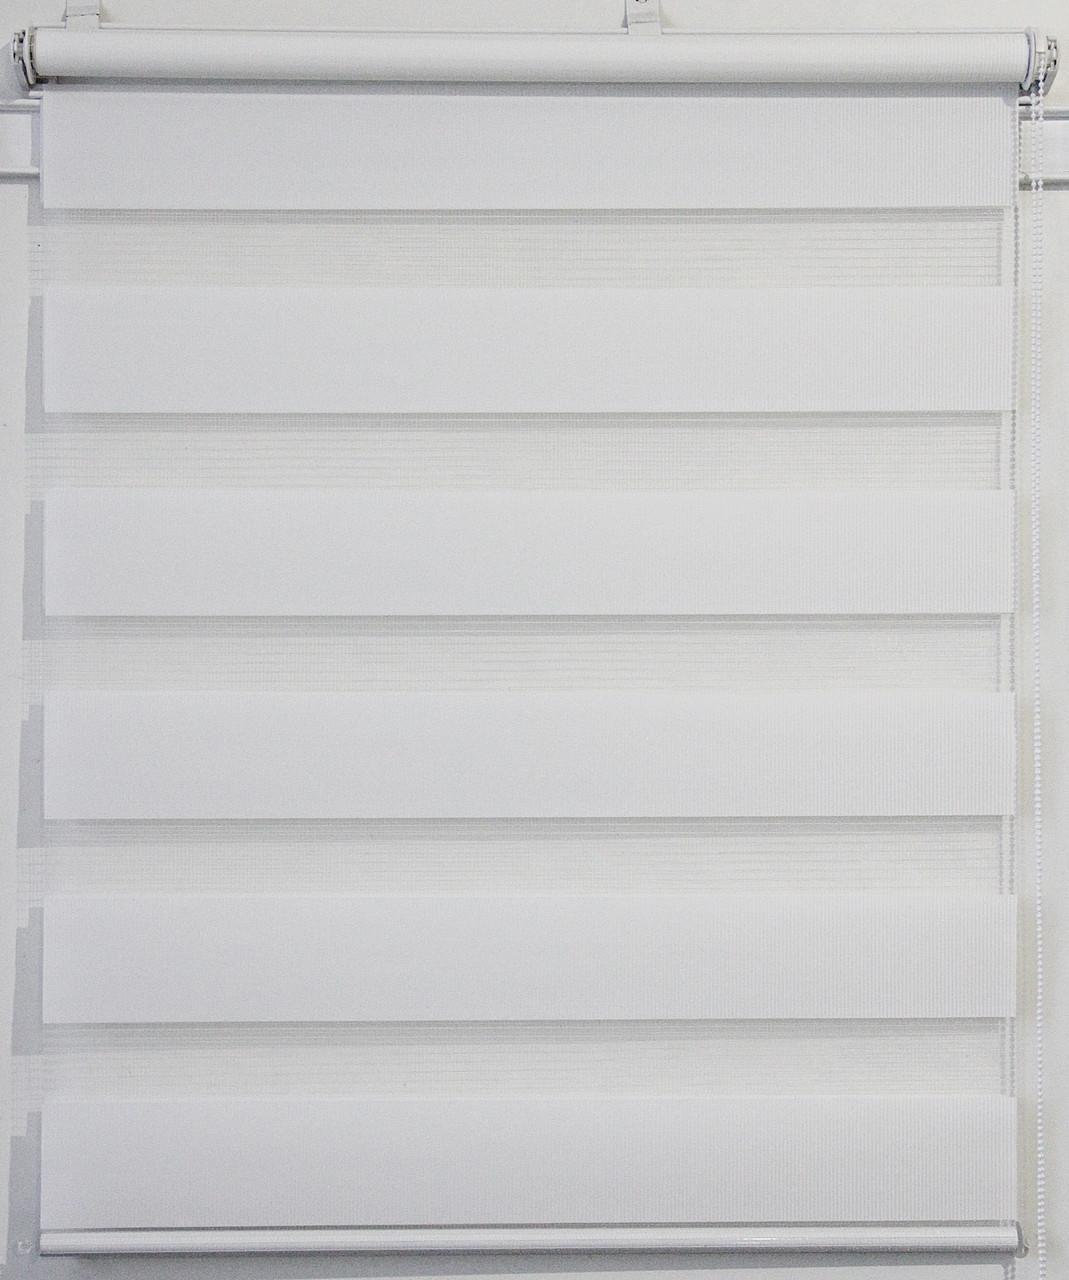 Готовые рулонные шторы 700*1300 Ткань ВН-01 Белый